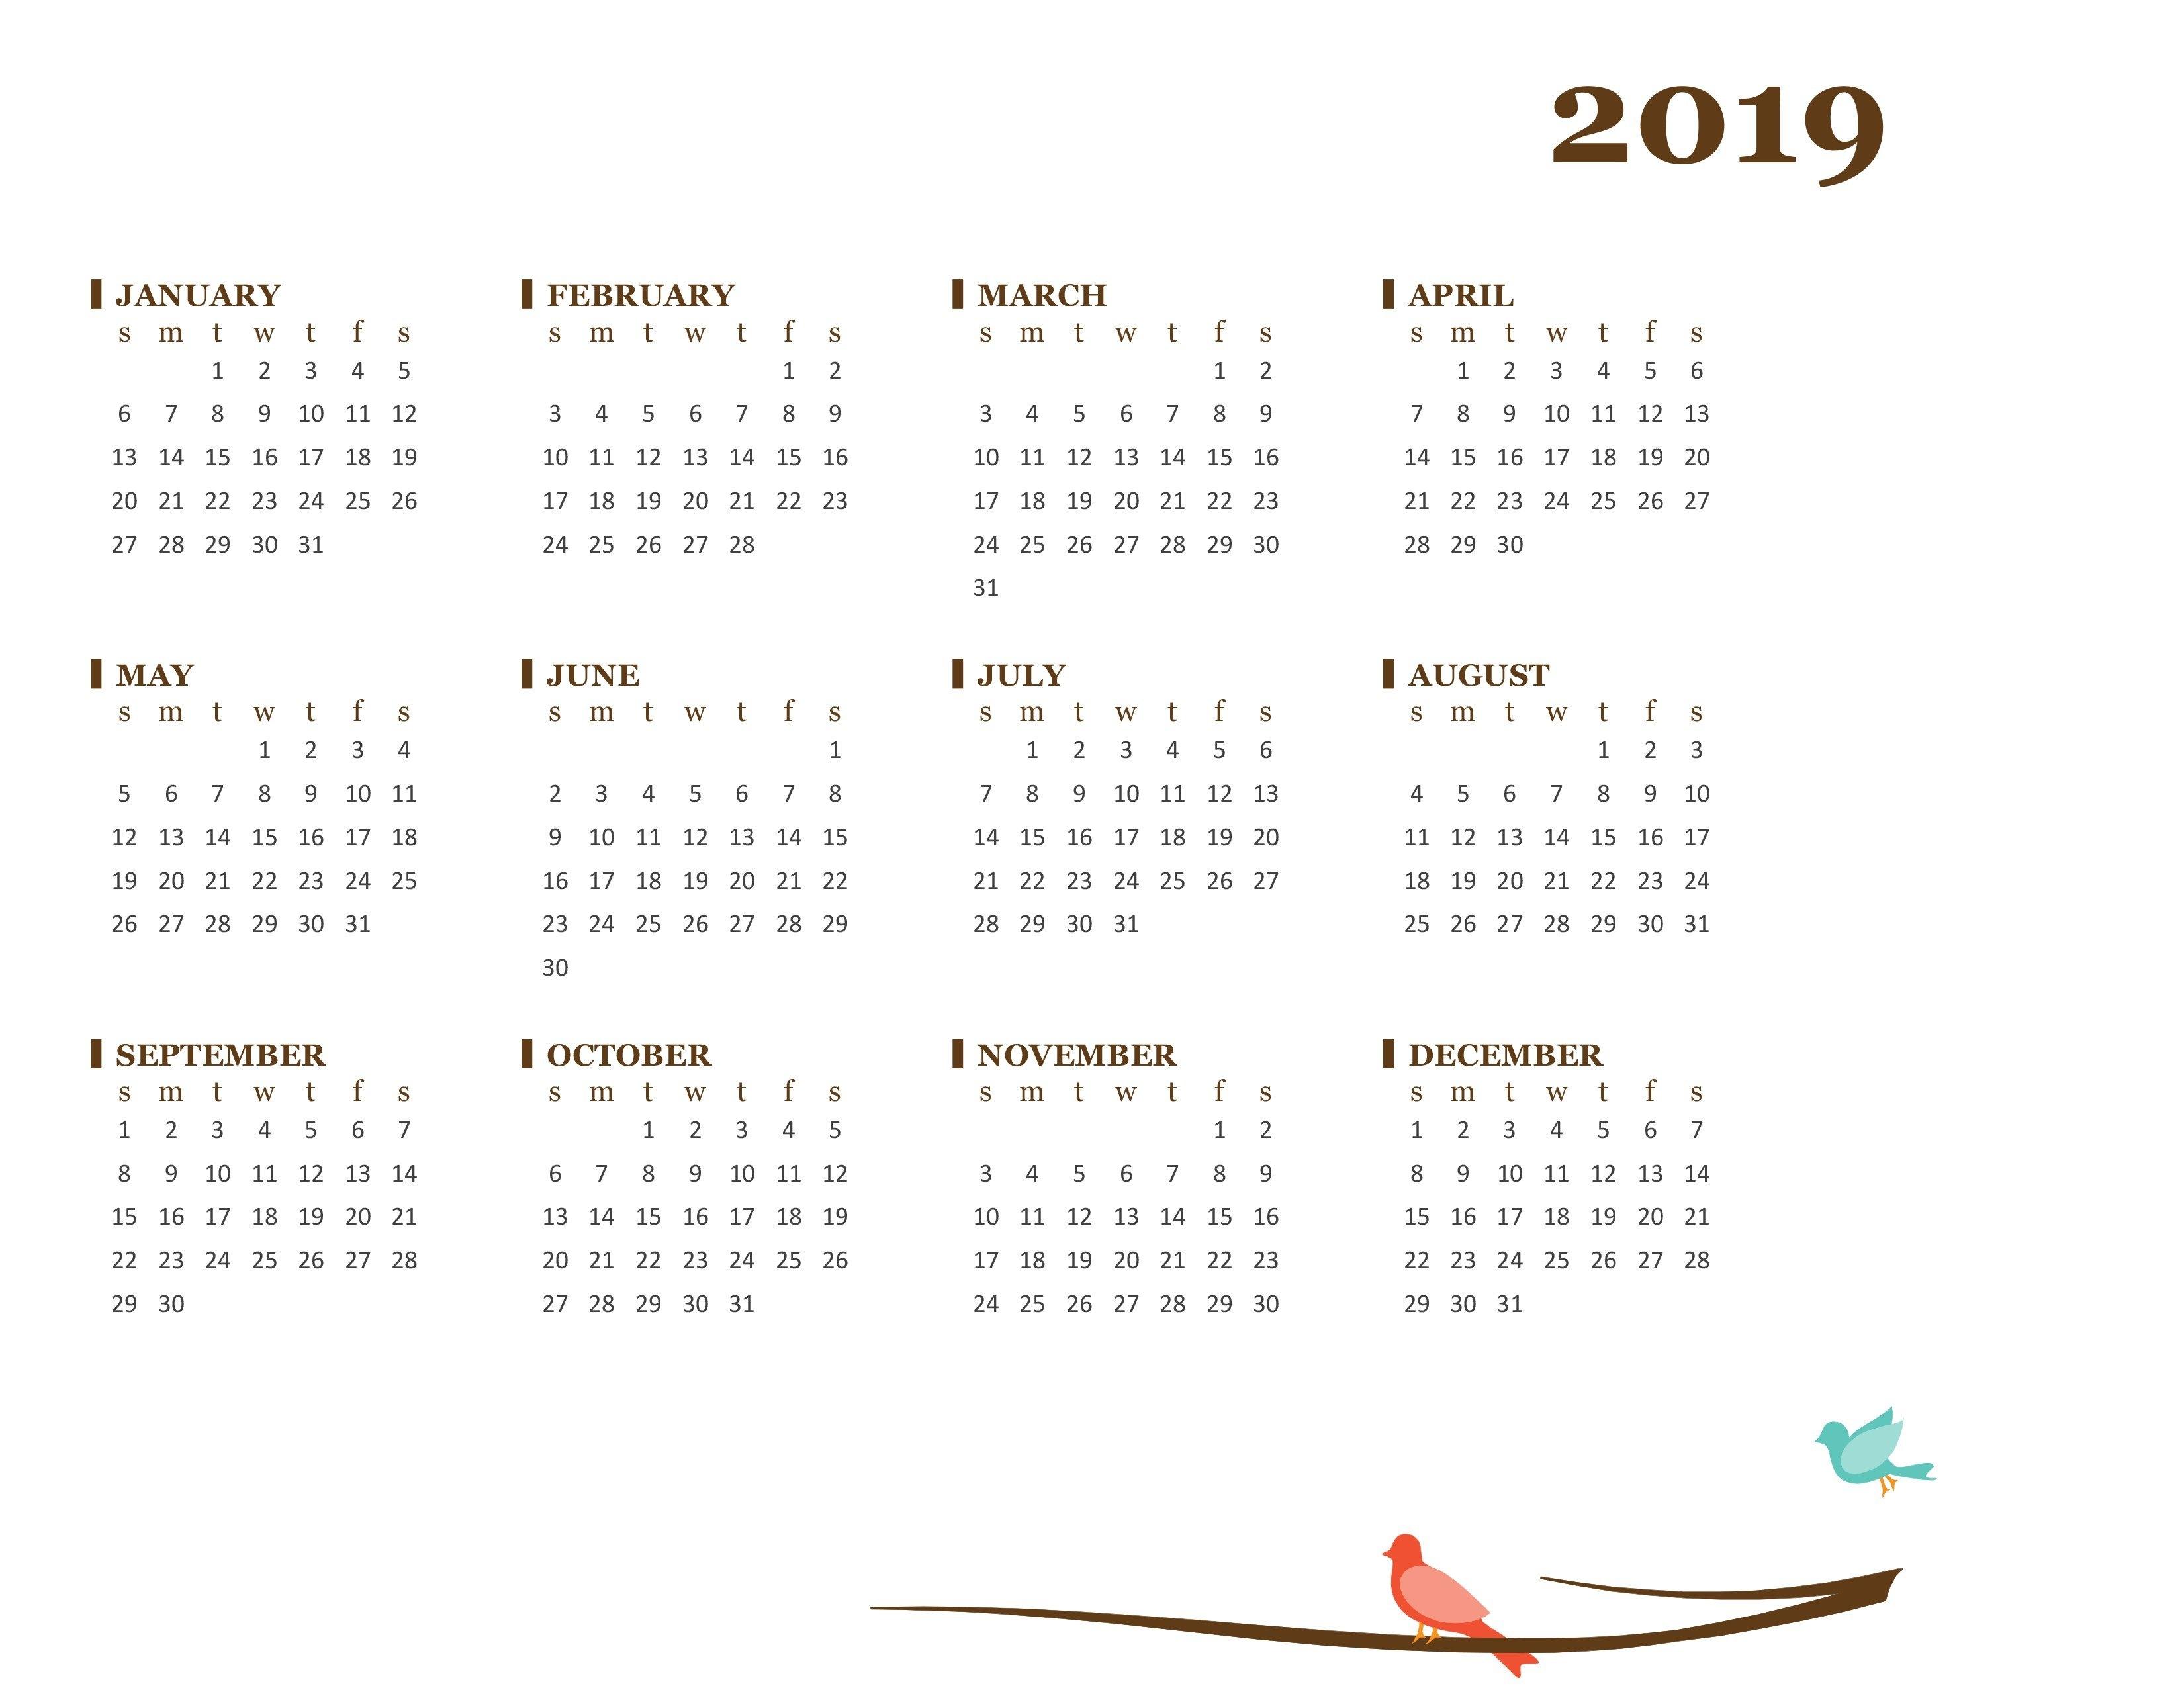 2019 Yearly Calendar (Sun-Sat) Calendar 2019 Year At A Glance